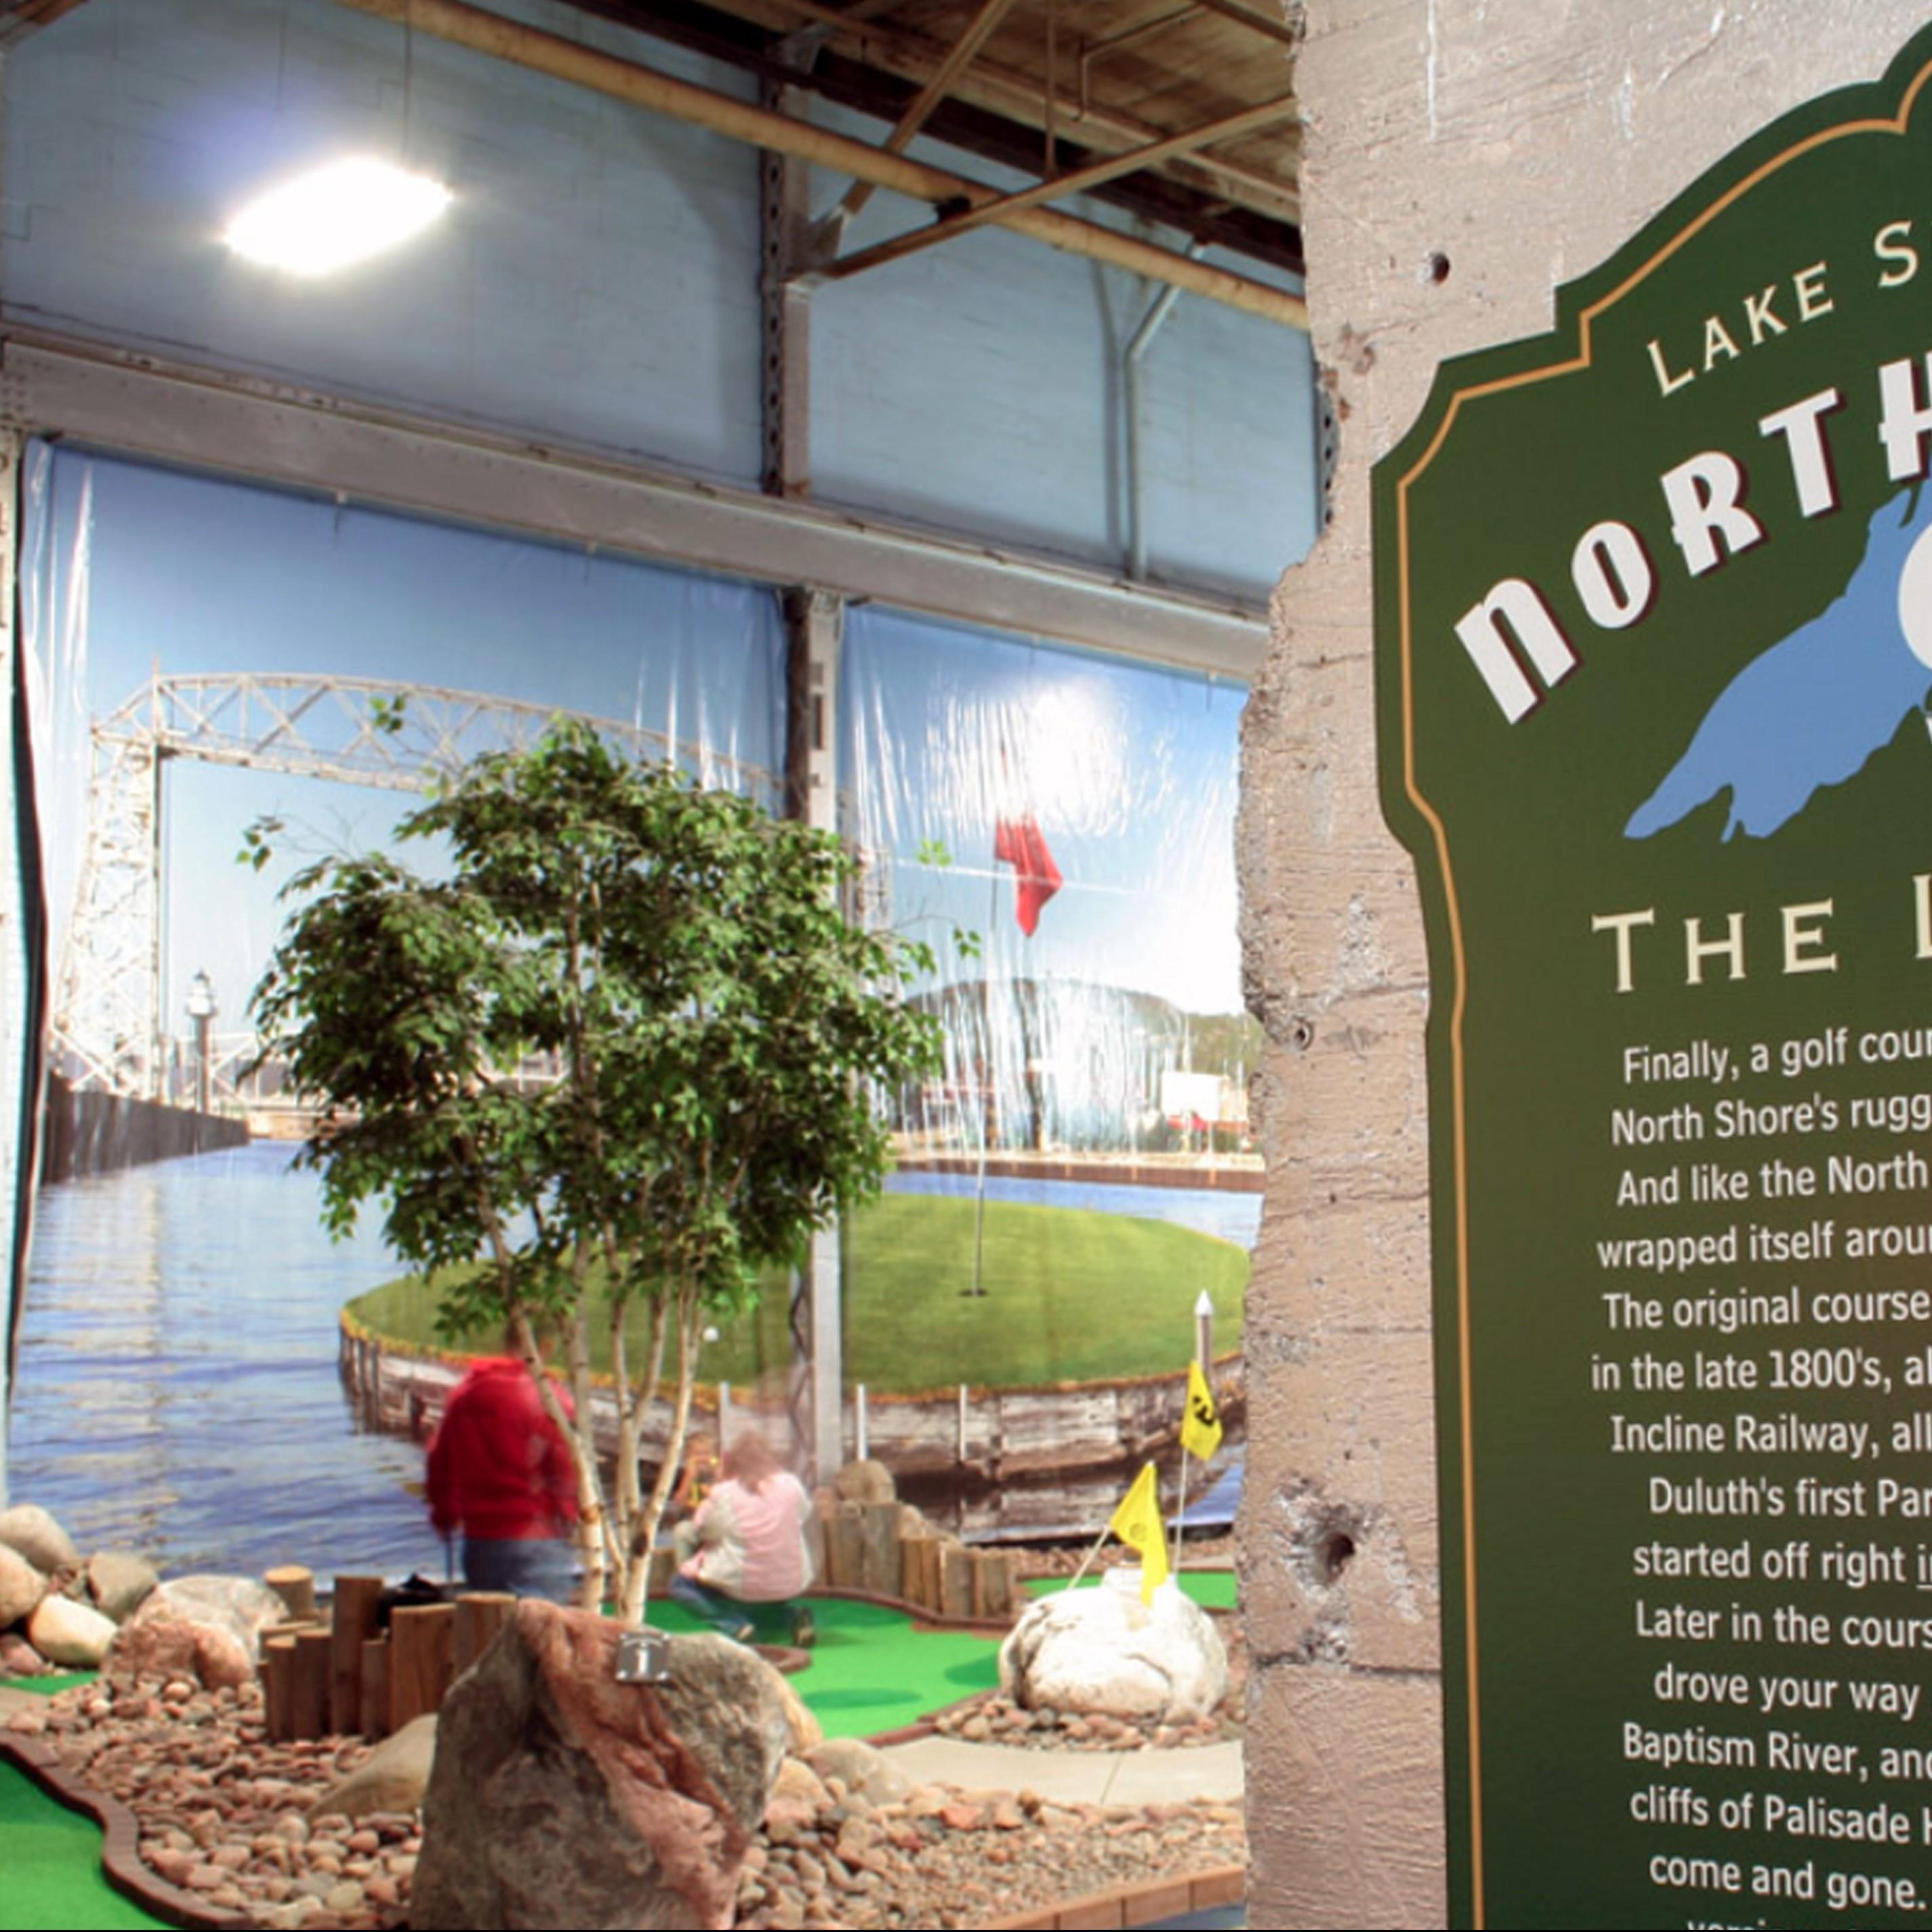 Adventure Zone mini golf